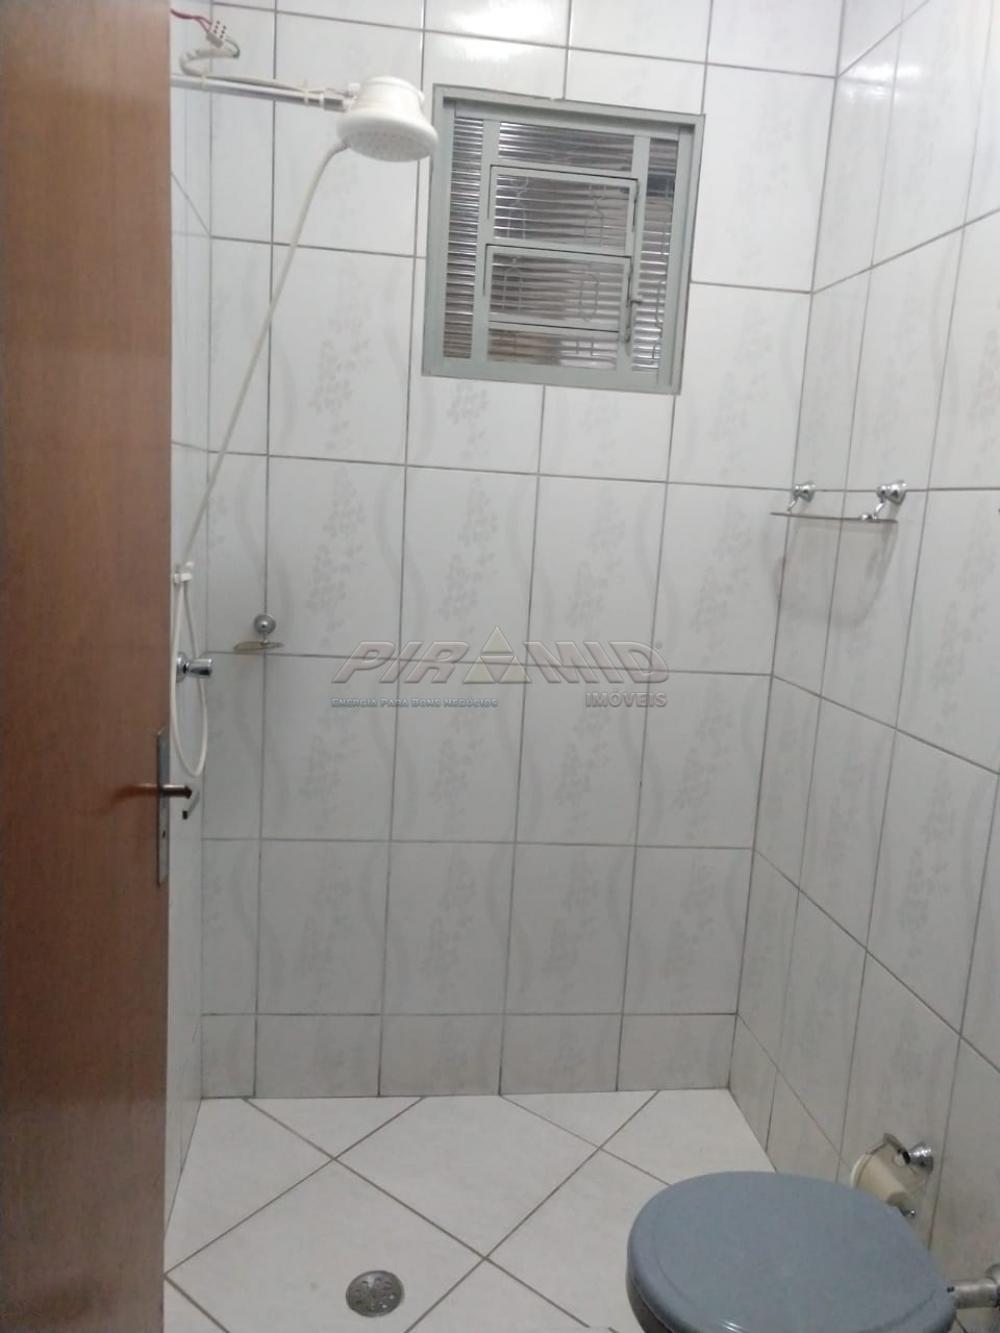 Comprar Casa / Padrão em Ribeirão Preto R$ 320.000,00 - Foto 19